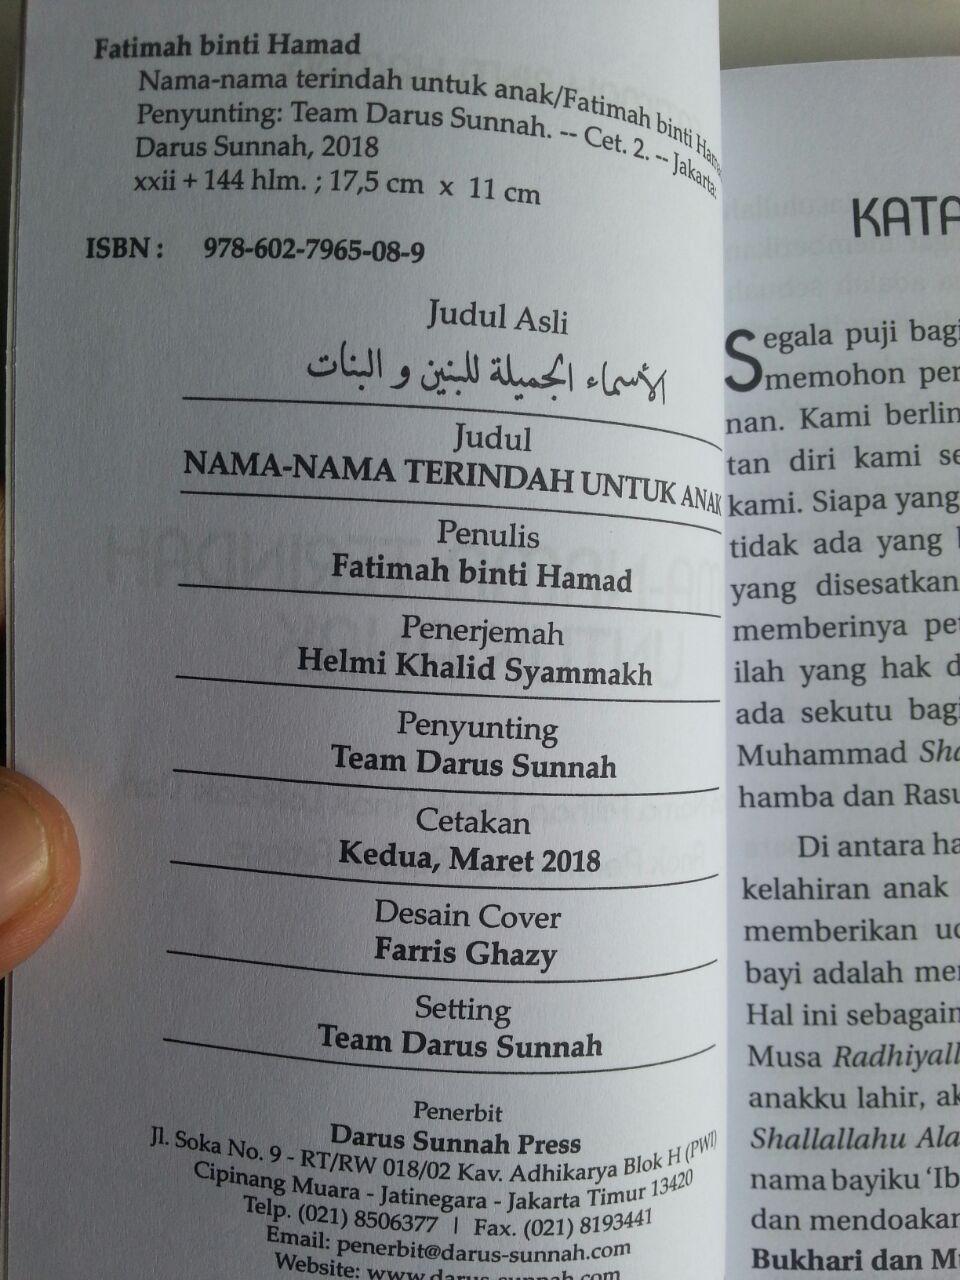 Buku Nama-Nama Terindah Untuk Anak isi 2